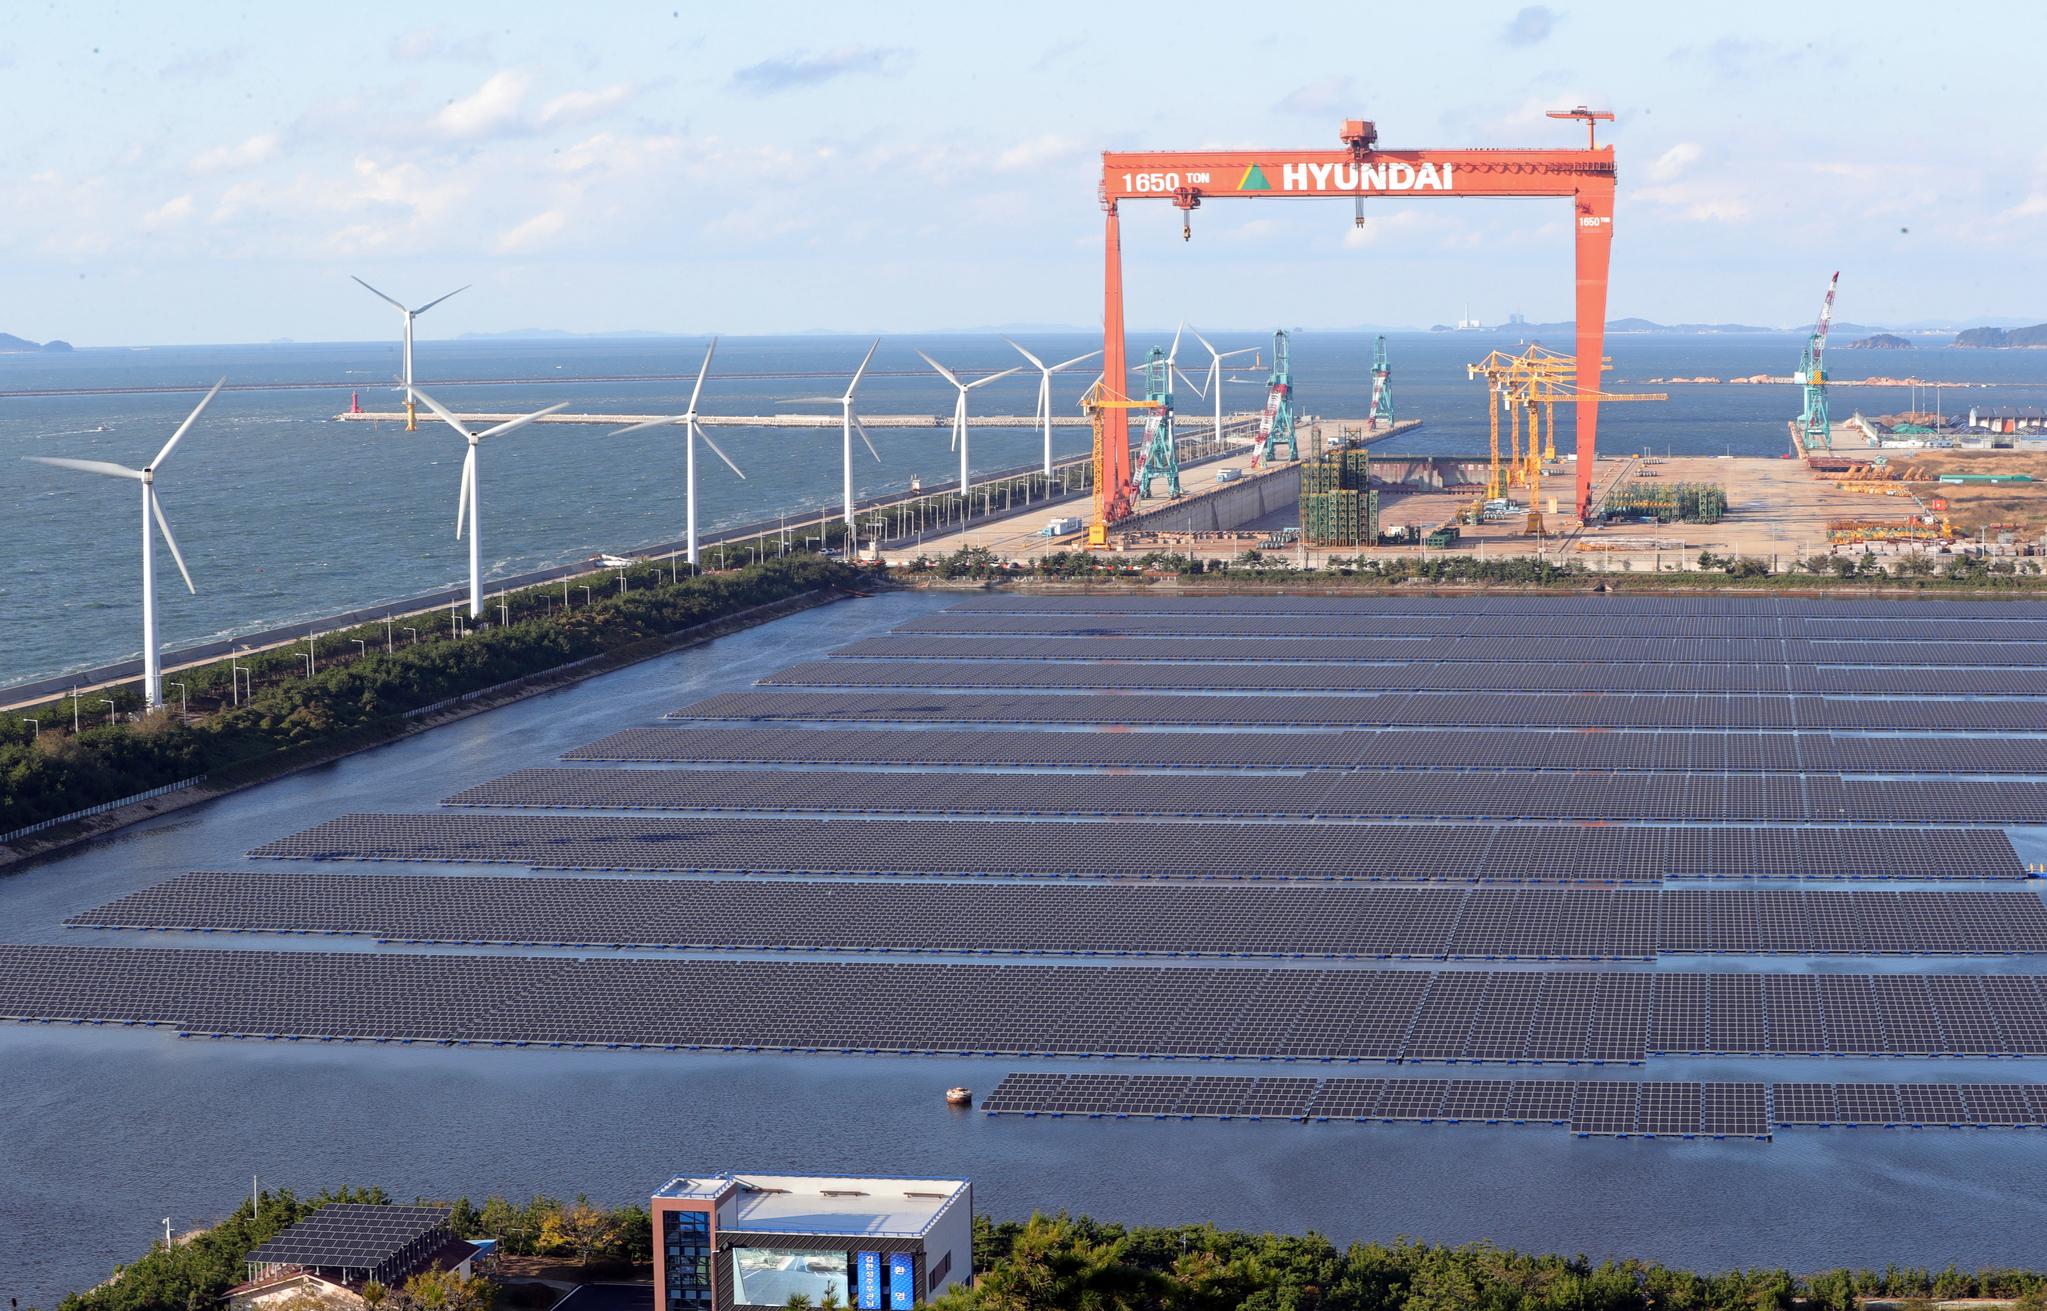 29일 오후 전북 군산시 군산2산업단지 유수지에 국내 최대 규모(유수지 면적 112,584평, 모듈 설치면적 67,548평)의 수상 태양광 발전소가 들어서 있다. 정부는 2022년까지 전북 새만금에 원자력 발전기 4기 용량에 해당하는 태양광 풍력발전단지를 건설할 계획이다. 뒷편은 가동이 중단된 현대중공업 군산조선소.[뉴스1]